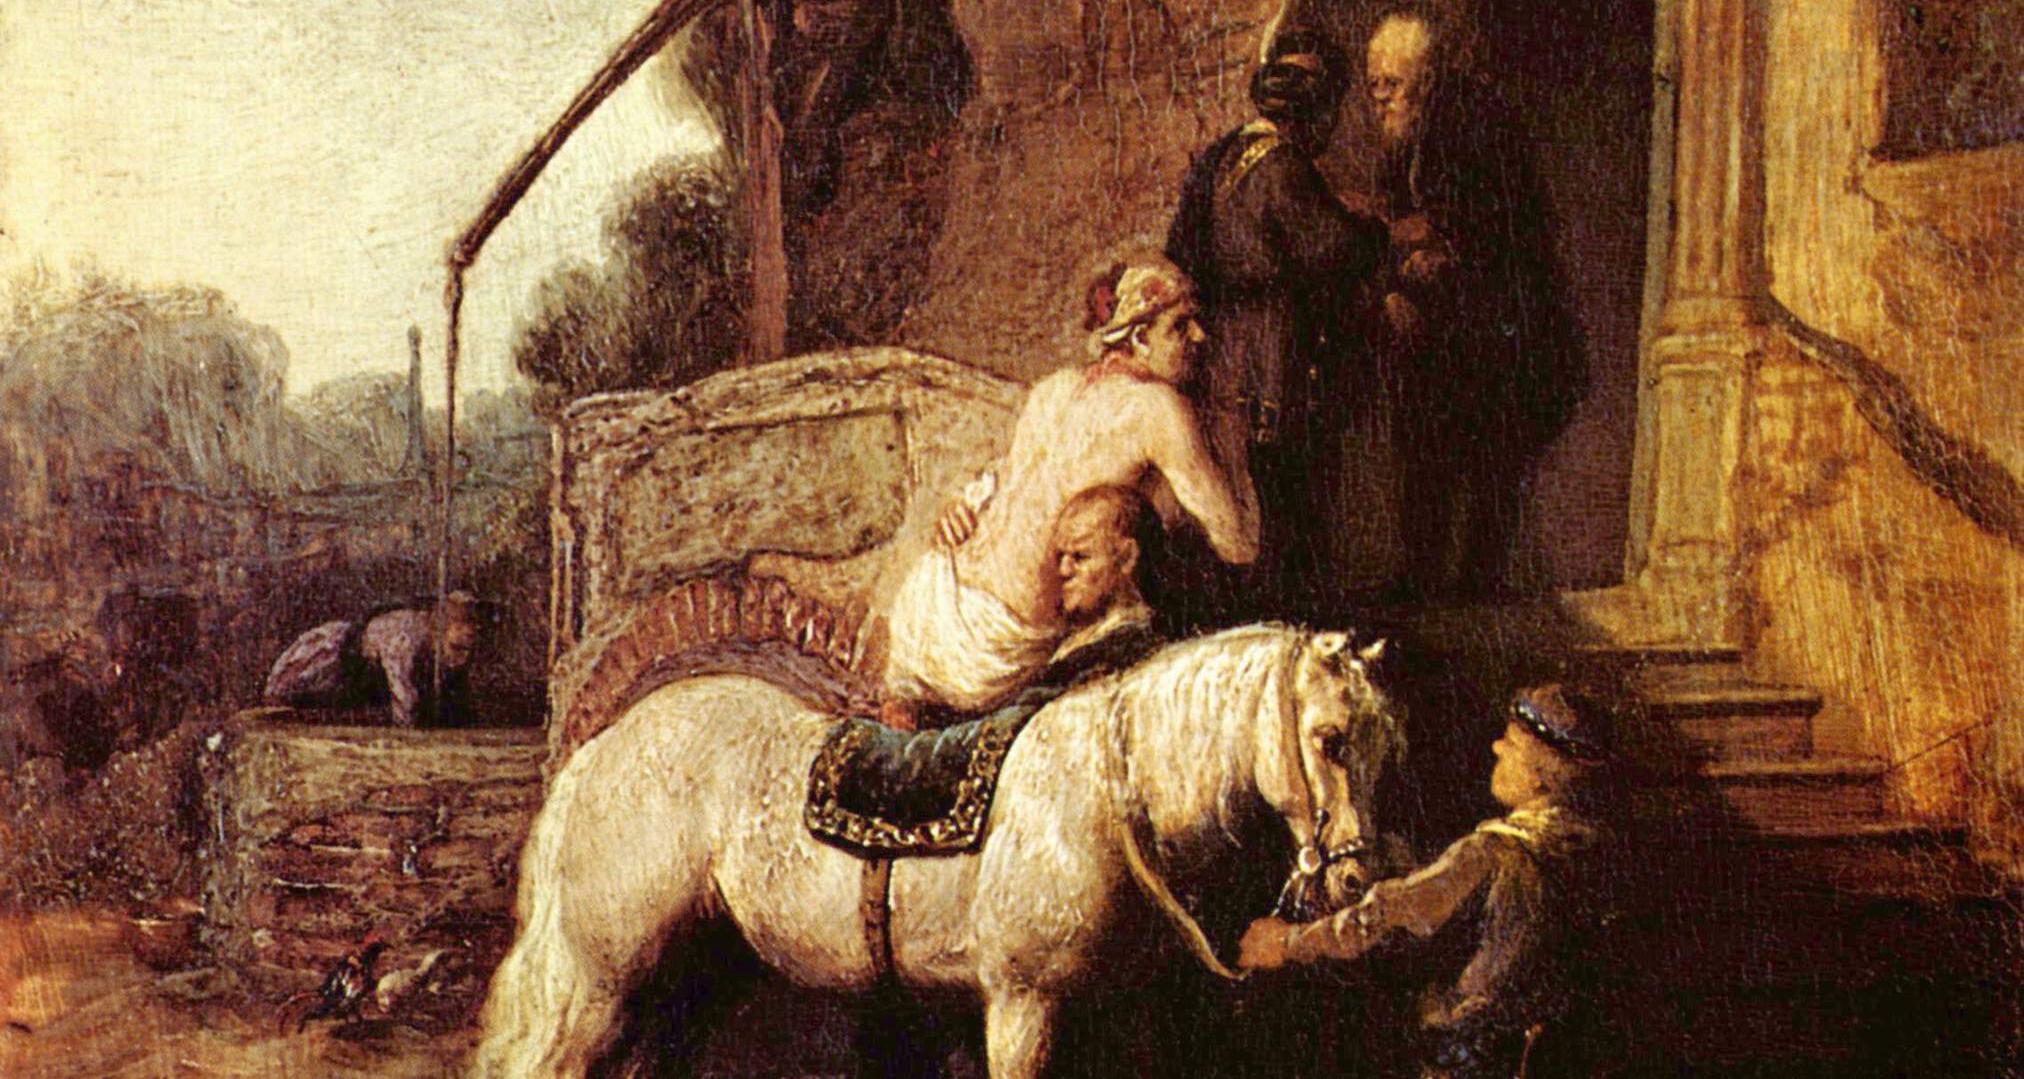 Rembrandt, The Good Samaritan